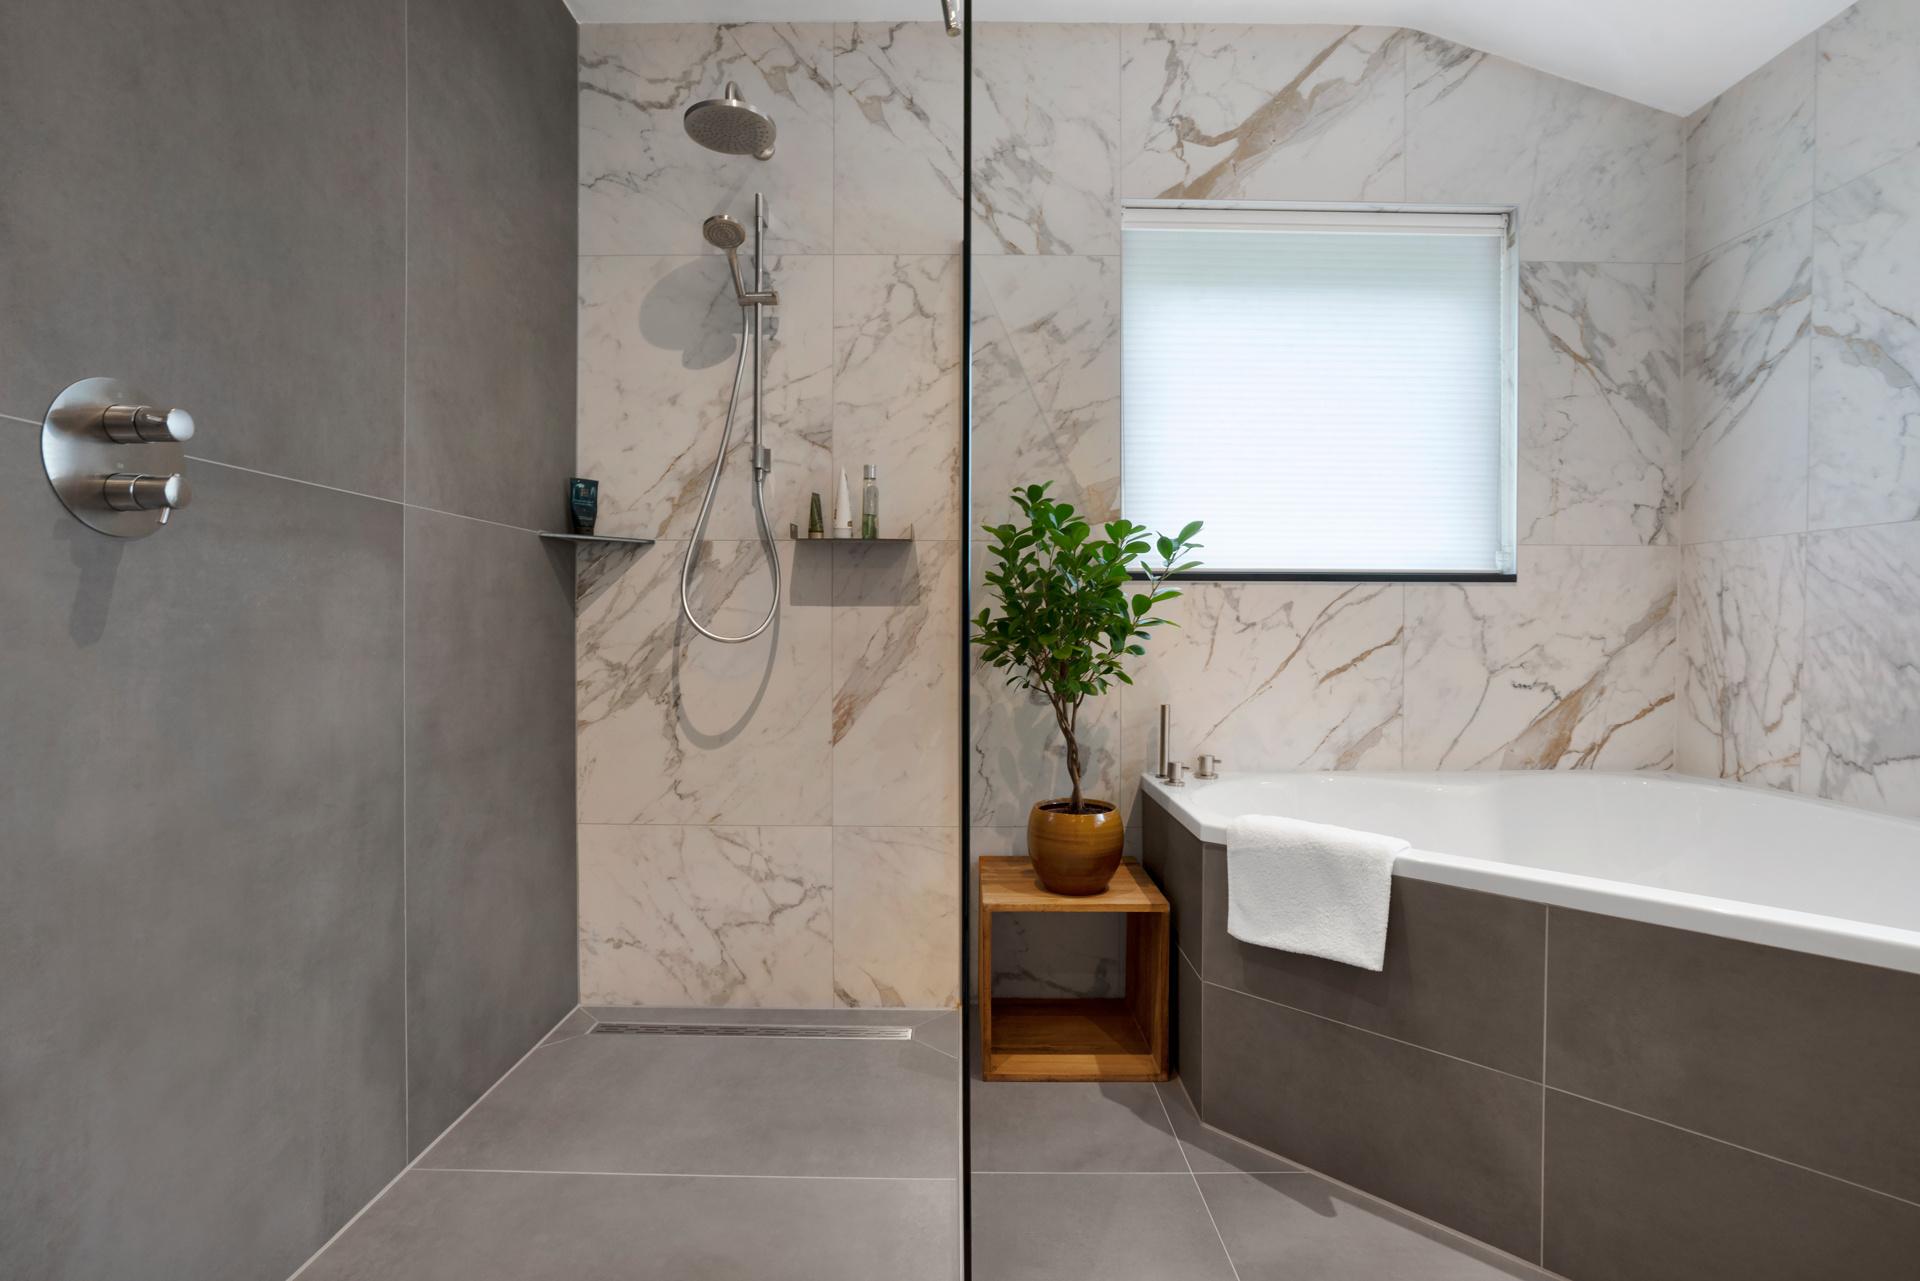 75 X 150 Cm Grootformaat Tegels In Uni Graphite Vtwonen Classic Marmerlook Op Vloer Wand Ruime Badkamer Projecten Altach Vloer Wand